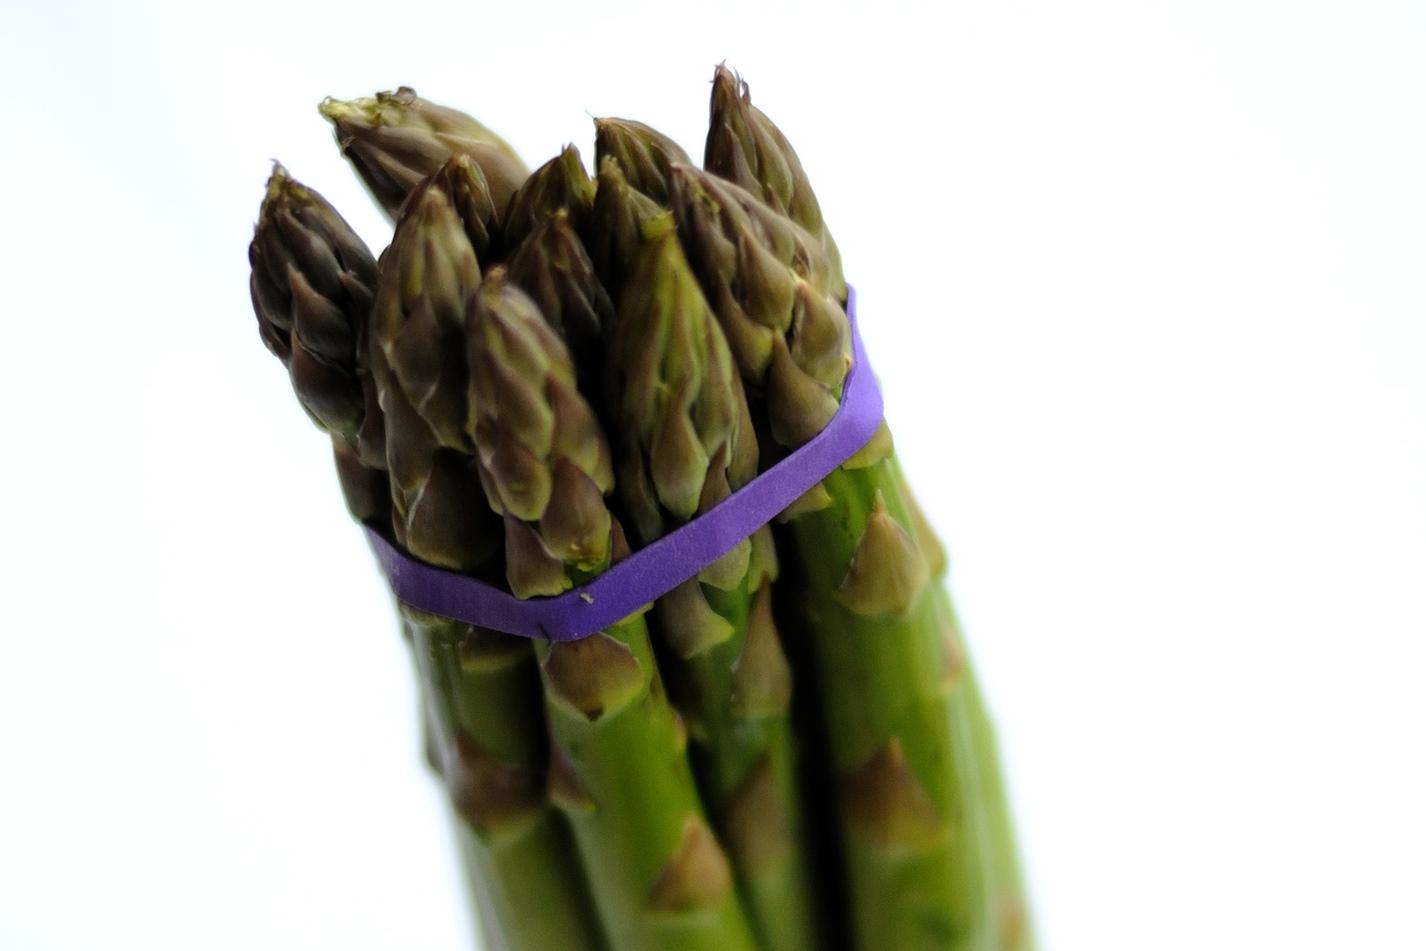 How To Cook Asparagus Asparagus